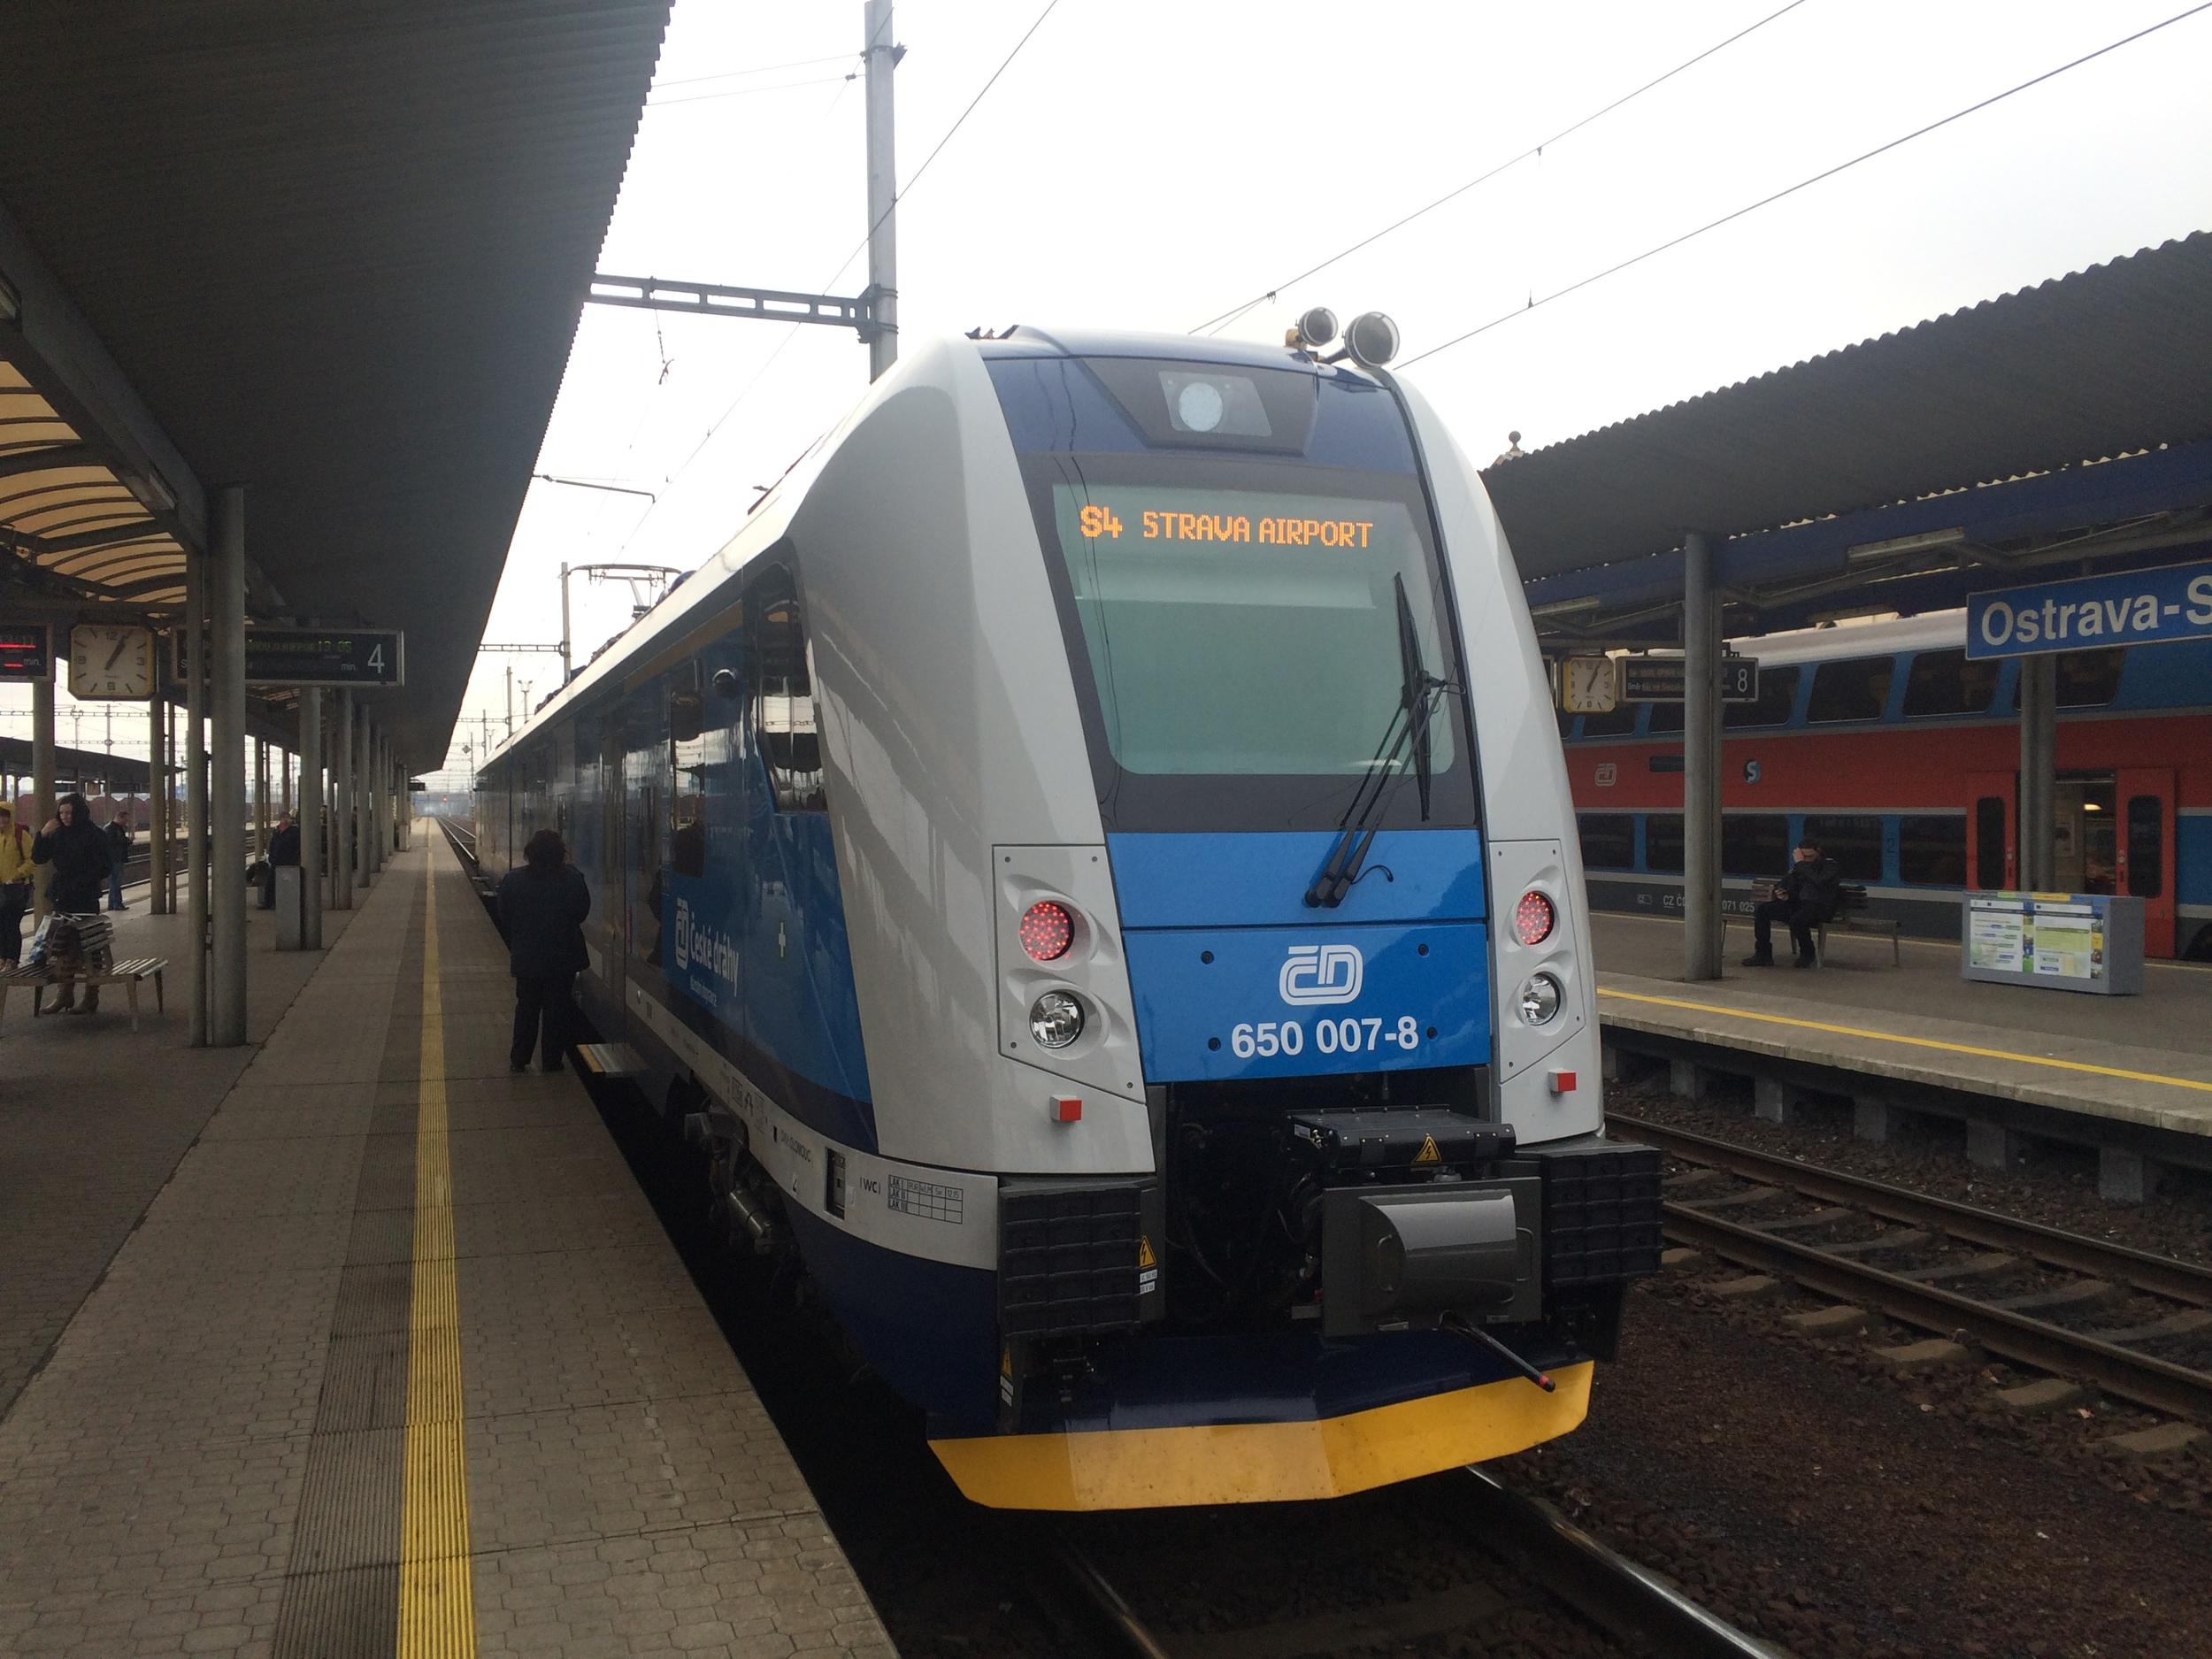 RegioPanter na lince S4 čeká na svinovském nádraží na odjezd na ostravské letiště. (foto: Libor Hinčica)